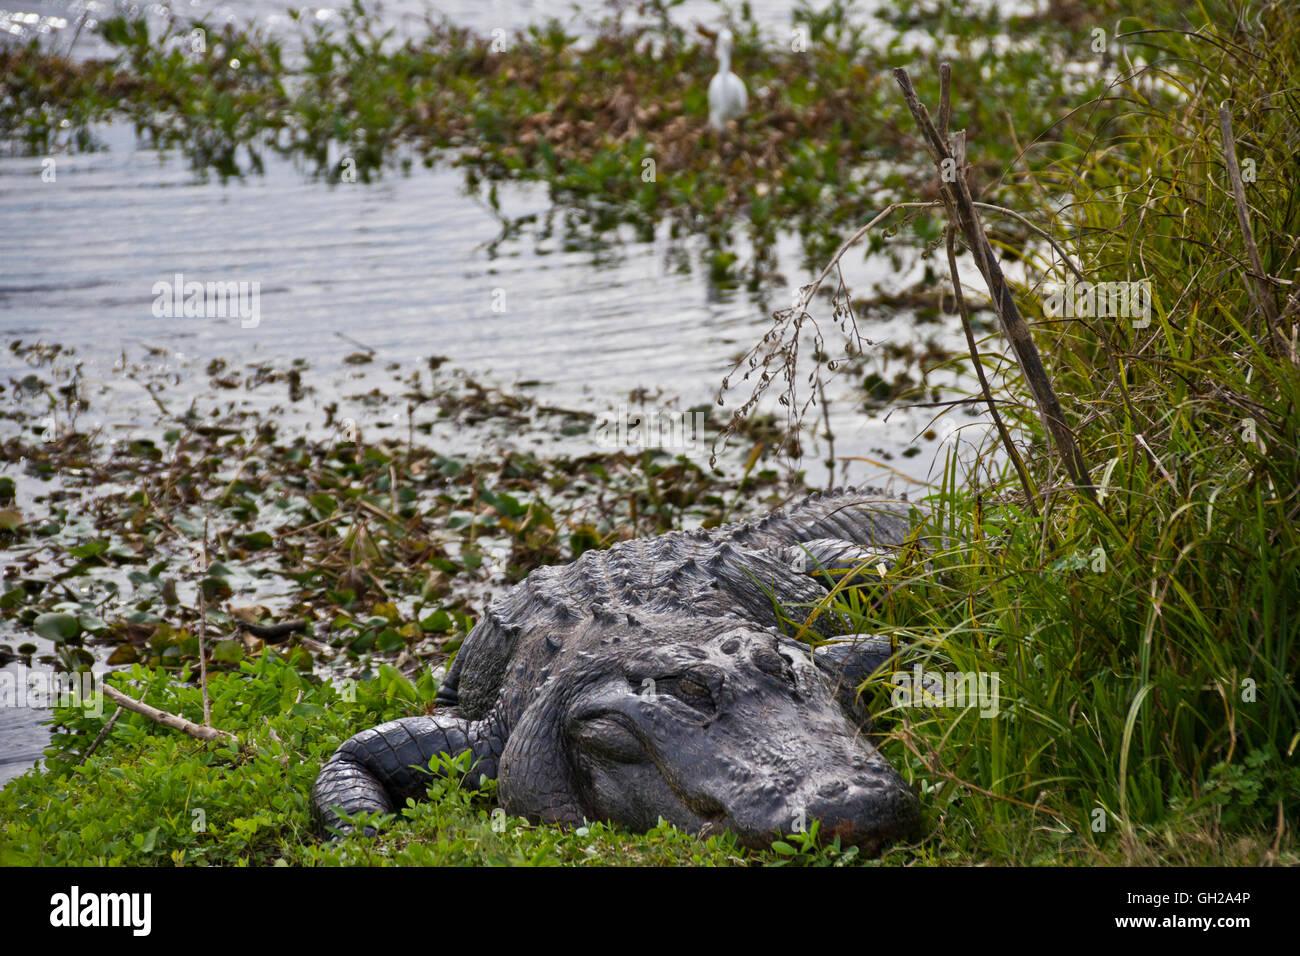 Il coccodrillo americano seduti lungo il litorale di una palude a Gainesville Florida Foto Stock